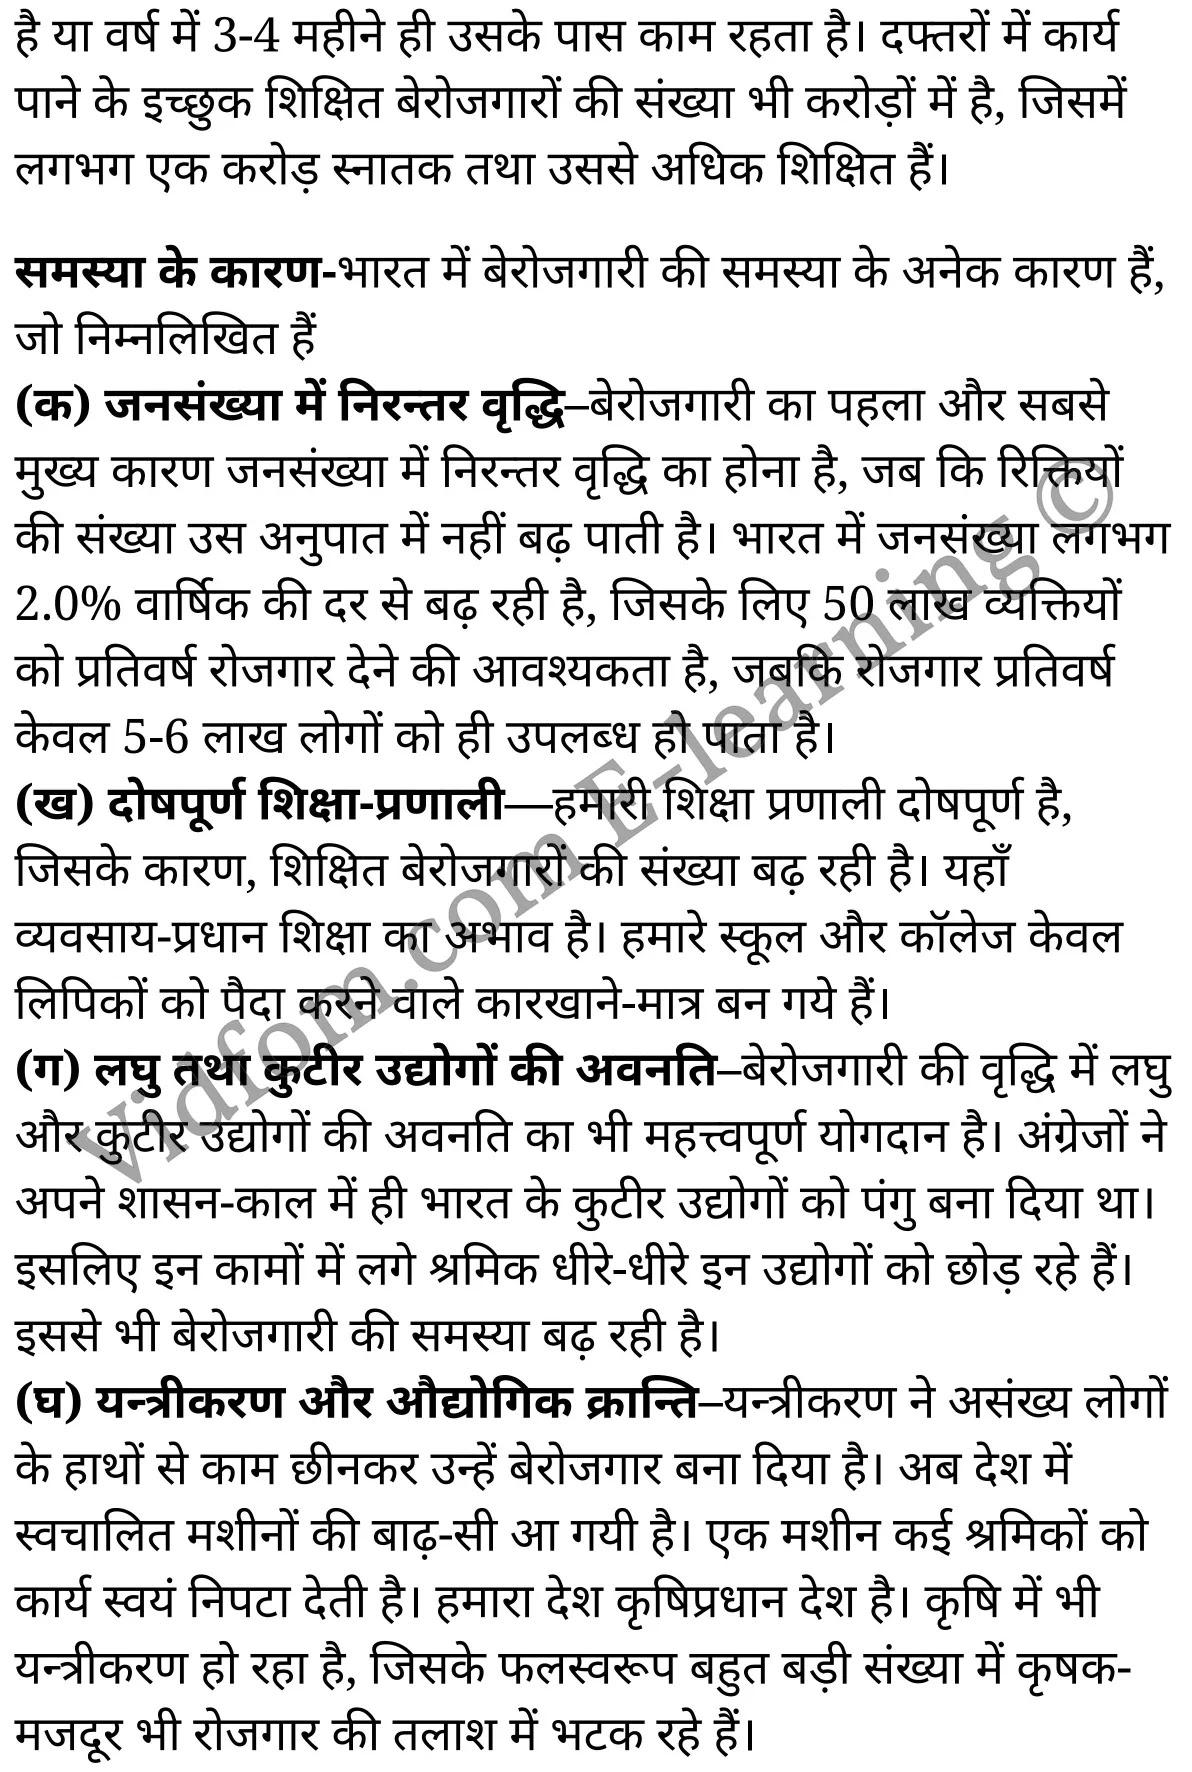 कक्षा 10 हिंदी  के नोट्स  हिंदी में एनसीईआरटी समाधान,      कक्षा 10 समस्या-आधारित निबन्ध,  कक्षा 10 समस्या-आधारित निबन्ध  के नोट्स हिंदी में,  कक्षा 10 समस्या-आधारित निबन्ध प्रश्न उत्तर,  कक्षा 10 समस्या-आधारित निबन्ध के नोट्स,  10 कक्षा समस्या-आधारित निबन्ध  हिंदी में, कक्षा 10 समस्या-आधारित निबन्ध  हिंदी में,  कक्षा 10 समस्या-आधारित निबन्ध  महत्वपूर्ण प्रश्न हिंदी में, कक्षा 10 हिंदी के नोट्स  हिंदी में, समस्या-आधारित निबन्ध हिंदी में कक्षा 10 नोट्स pdf,    समस्या-आधारित निबन्ध हिंदी में  कक्षा 10 नोट्स 2021 ncert,   समस्या-आधारित निबन्ध हिंदी  कक्षा 10 pdf,   समस्या-आधारित निबन्ध हिंदी में  पुस्तक,   समस्या-आधारित निबन्ध हिंदी में की बुक,   समस्या-आधारित निबन्ध हिंदी में  प्रश्नोत्तरी class 10 ,  10   वीं समस्या-आधारित निबन्ध  पुस्तक up board,   बिहार बोर्ड 10  पुस्तक वीं समस्या-आधारित निबन्ध नोट्स,    समस्या-आधारित निबन्ध  कक्षा 10 नोट्स 2021 ncert,   समस्या-आधारित निबन्ध  कक्षा 10 pdf,   समस्या-आधारित निबन्ध  पुस्तक,   समस्या-आधारित निबन्ध की बुक,   समस्या-आधारित निबन्ध प्रश्नोत्तरी class 10,   10  th class 10 Hindi khand kaavya Chapter 9  book up board,   up board 10  th class 10 Hindi khand kaavya Chapter 9 notes,  class 10 Hindi,   class 10 Hindi ncert solutions in Hindi,   class 10 Hindi notes in hindi,   class 10 Hindi question answer,   class 10 Hindi notes,  class 10 Hindi class 10 Hindi khand kaavya Chapter 9 in  hindi,    class 10 Hindi important questions in  hindi,   class 10 Hindi notes in hindi,    class 10 Hindi test,  class 10 Hindi class 10 Hindi khand kaavya Chapter 9 pdf,   class 10 Hindi notes pdf,   class 10 Hindi exercise solutions,   class 10 Hindi,  class 10 Hindi notes study rankers,   class 10 Hindi notes,  class 10 Hindi notes,   class 10 Hindi  class 10  notes pdf,   class 10 Hindi class 10  notes  ncert,   class 10 Hindi class 10 pdf,   class 10 Hindi  book,  class 10 Hindi quiz class 10  ,  10  th class 10 Hindi    book up board,    up board 10  th class 10 Hindi notes,     कक्षा 10   हिंदी के नोट्स  हिंदी में, हिंदी हिंदी में कक्षा